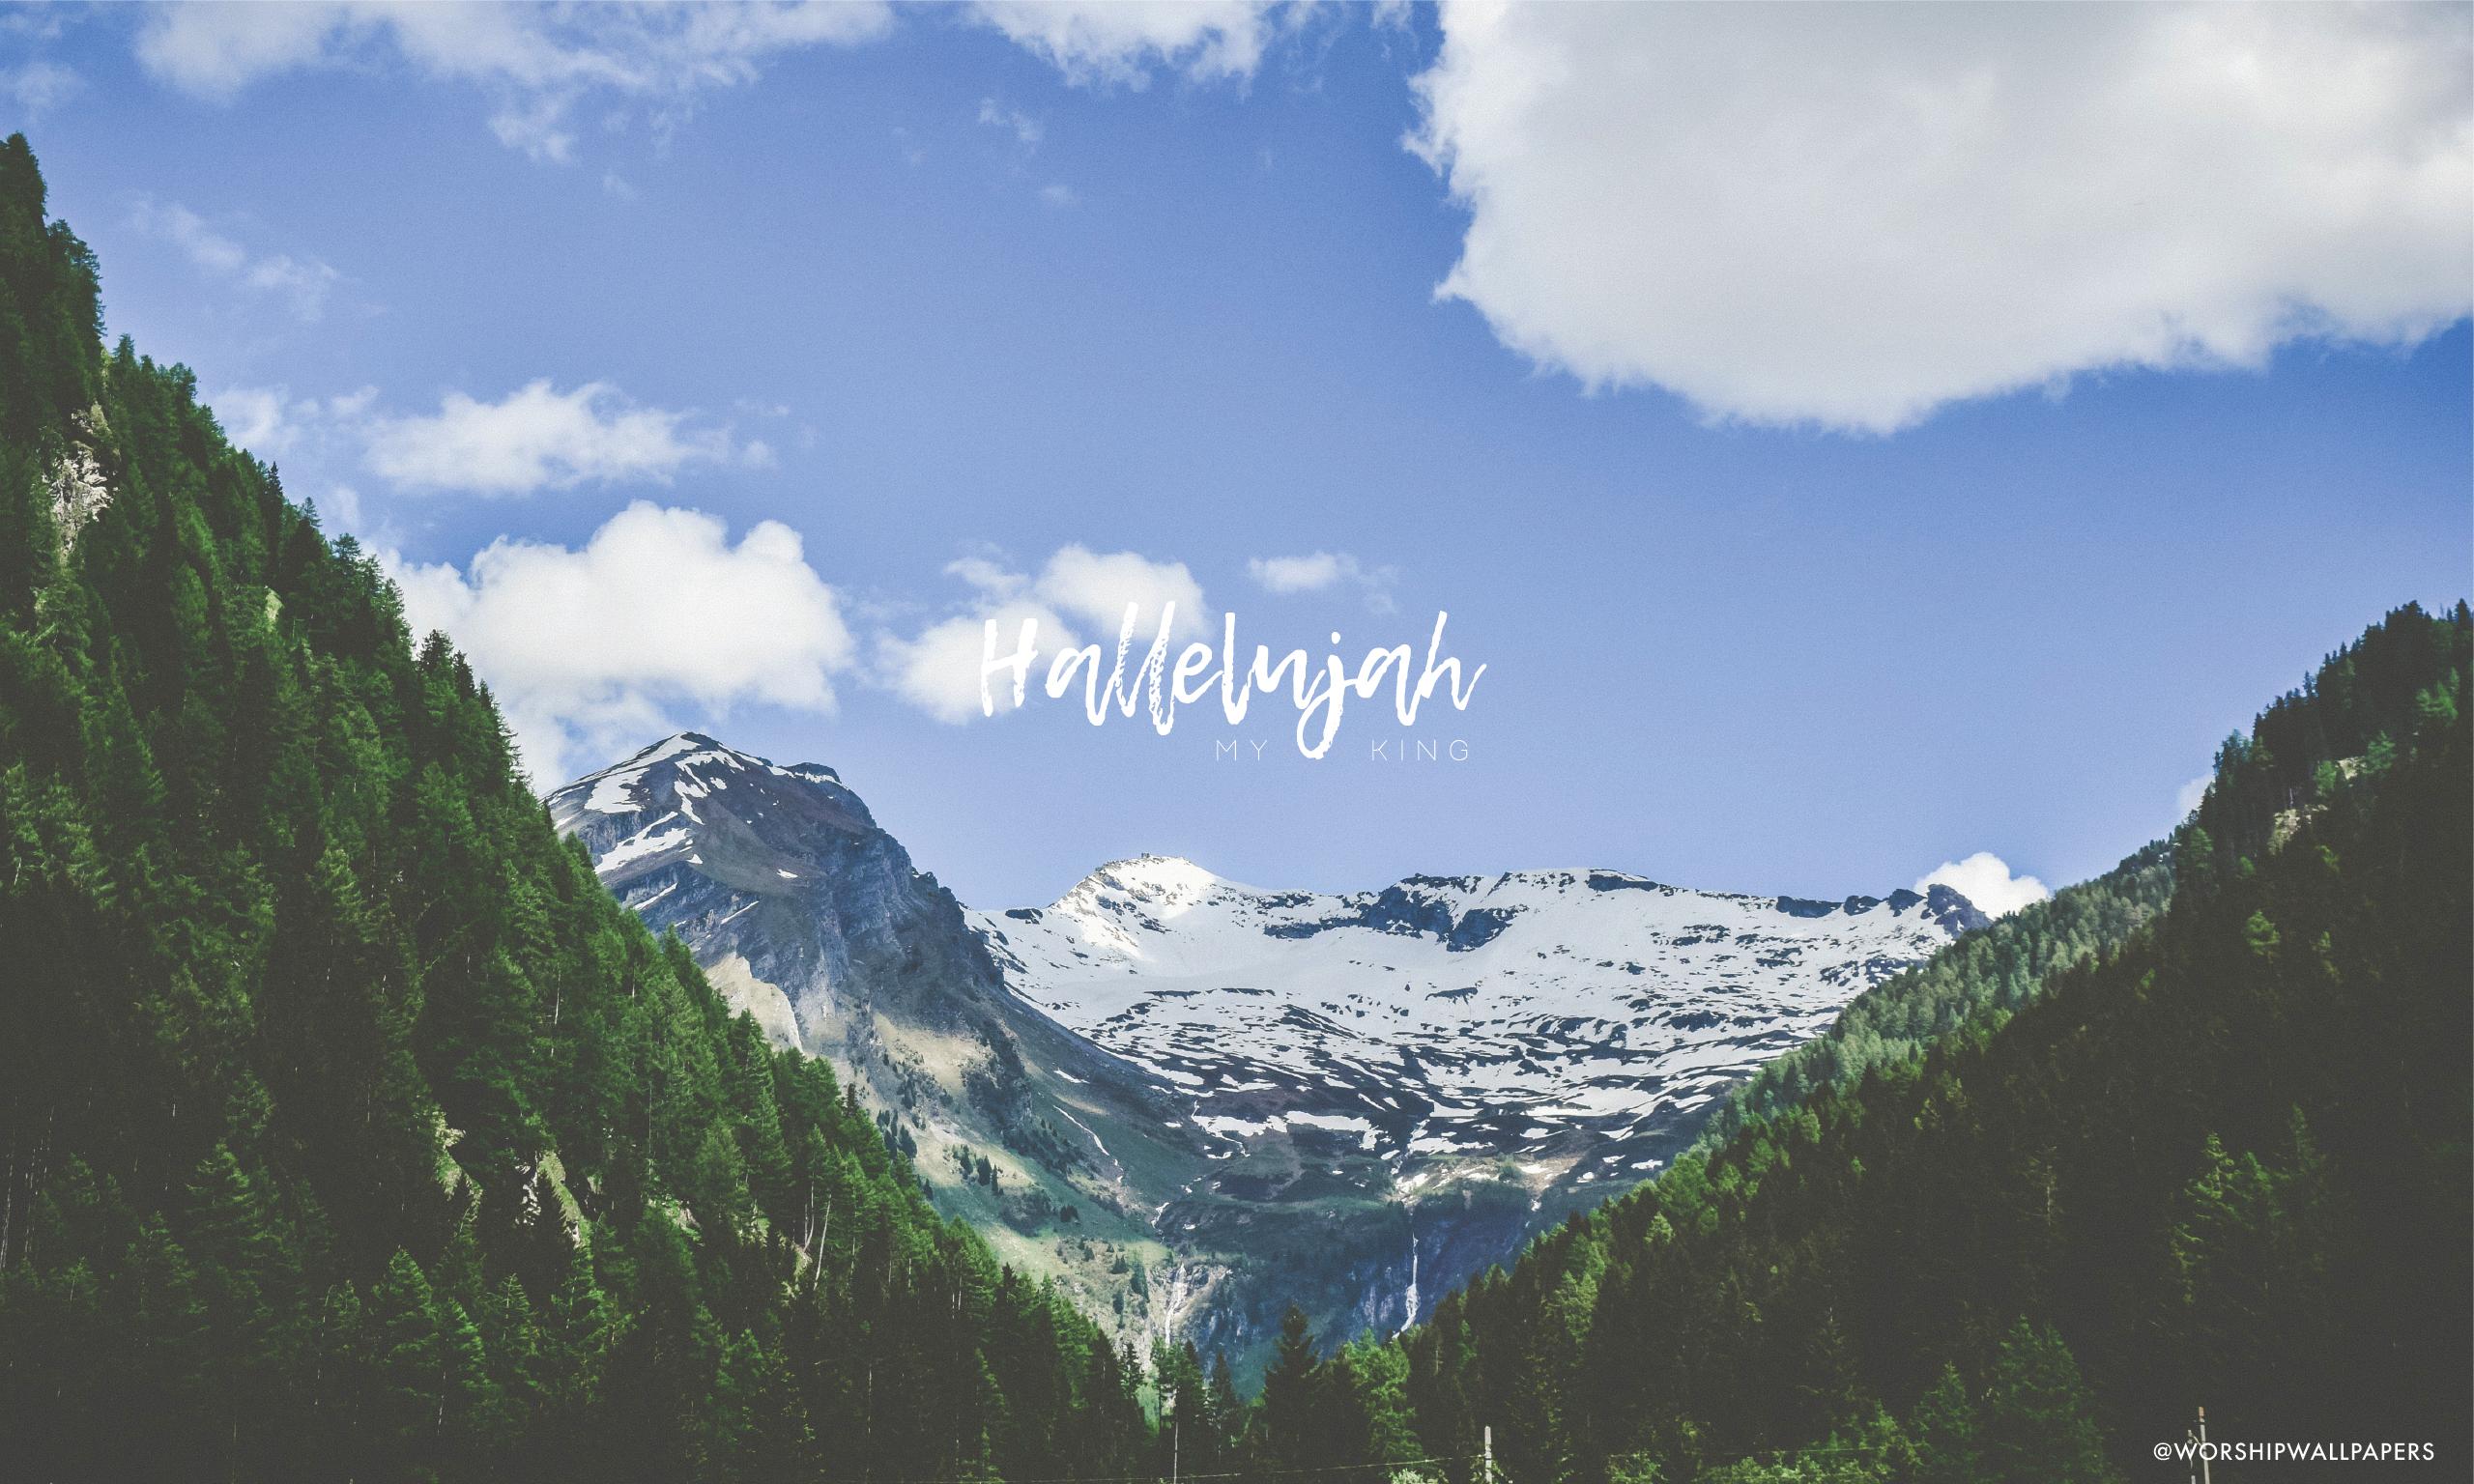 Highlands hillsong